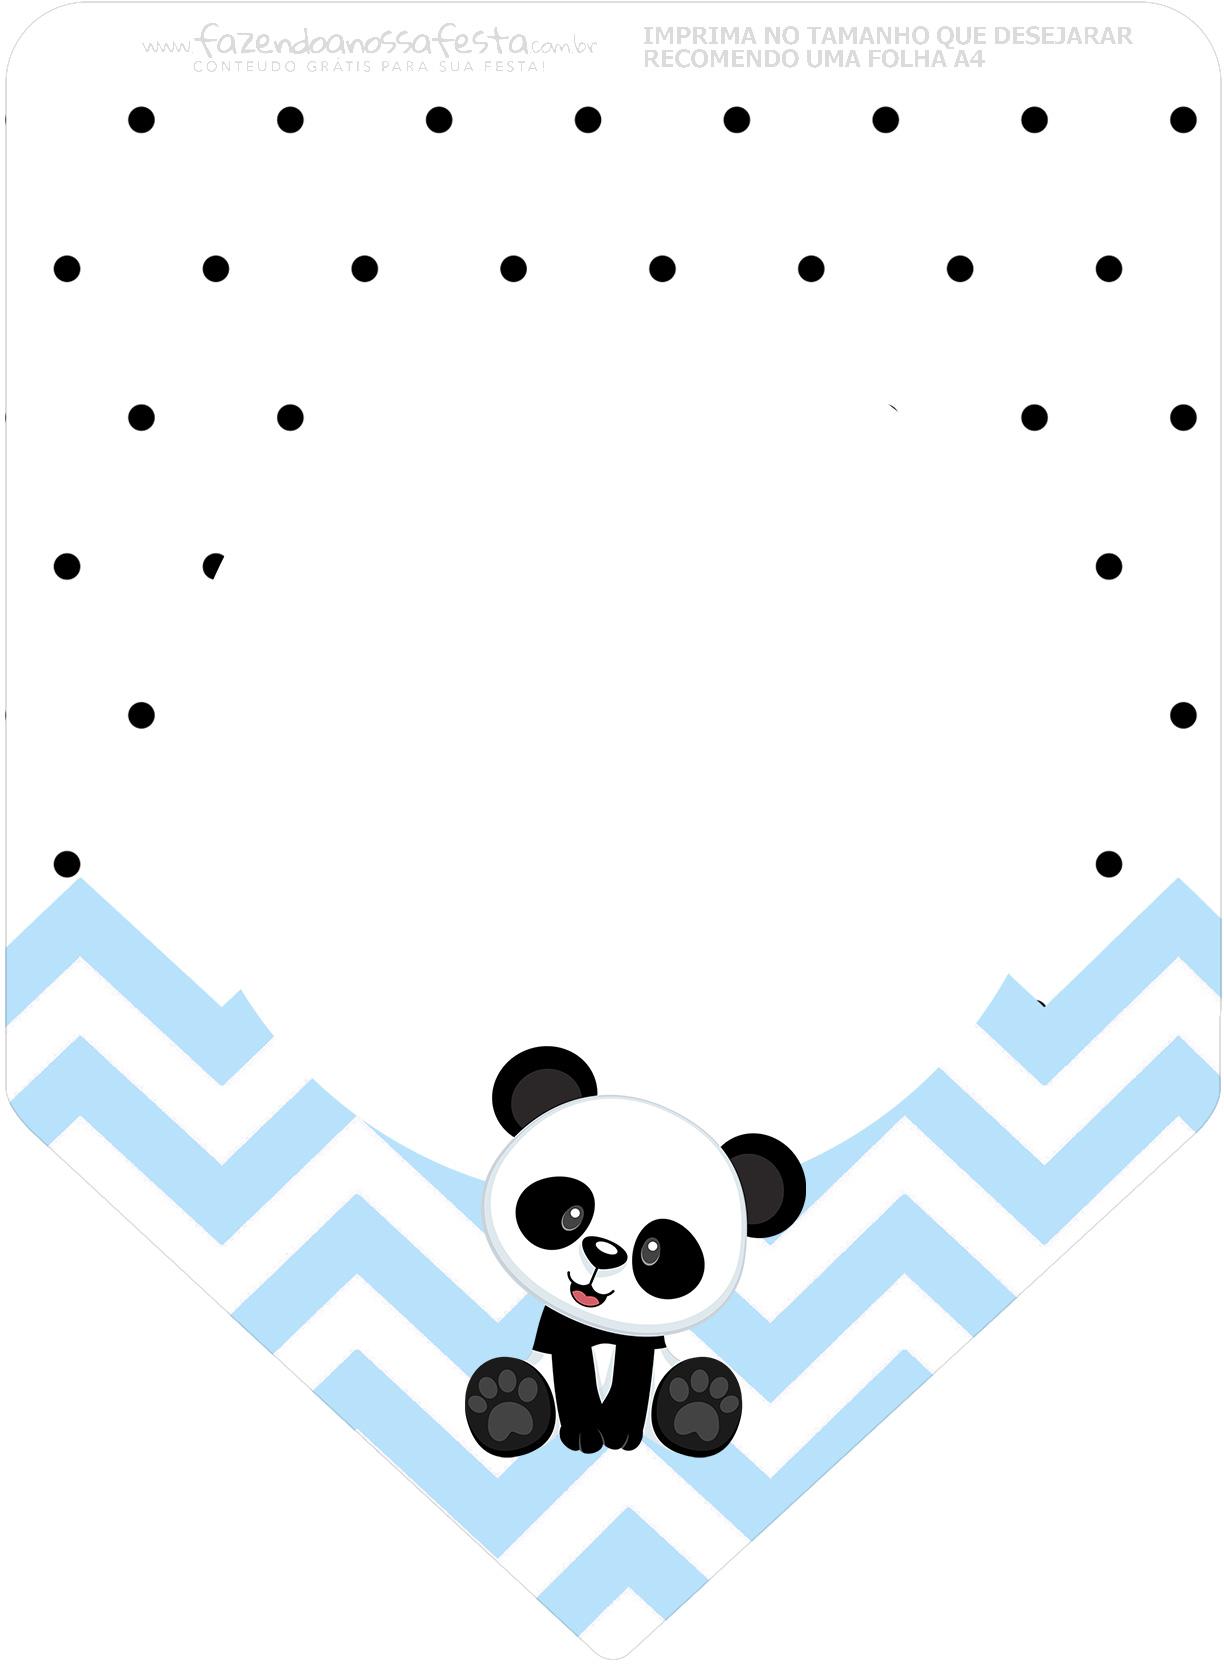 Bandeirinha Varalzinho 3 Panda Azul Personalizados para Festa